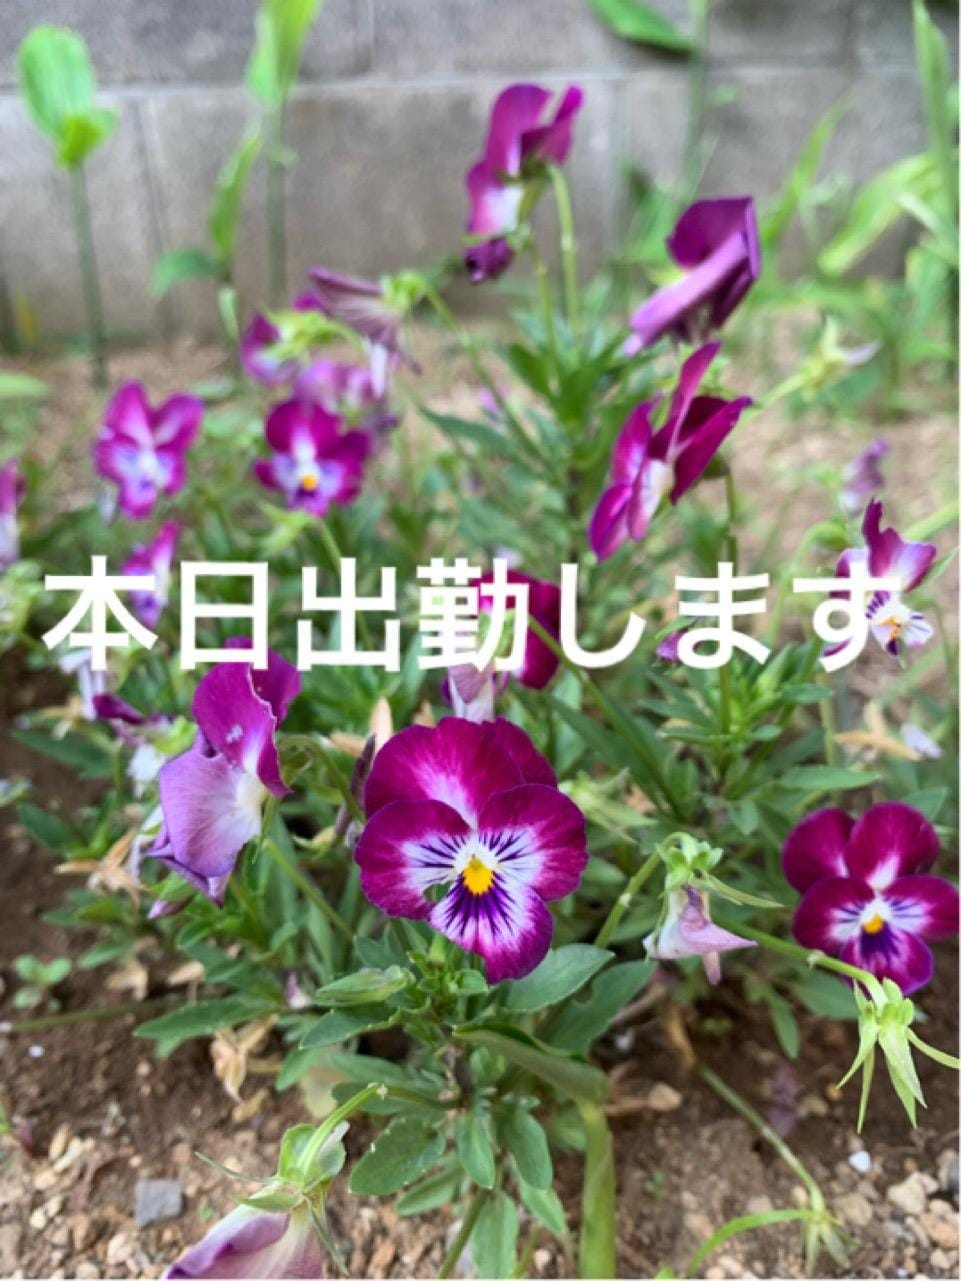 星谷るか「☆星谷☆」06/12(水) 01:35 | 星谷るかの写メ・風俗動画